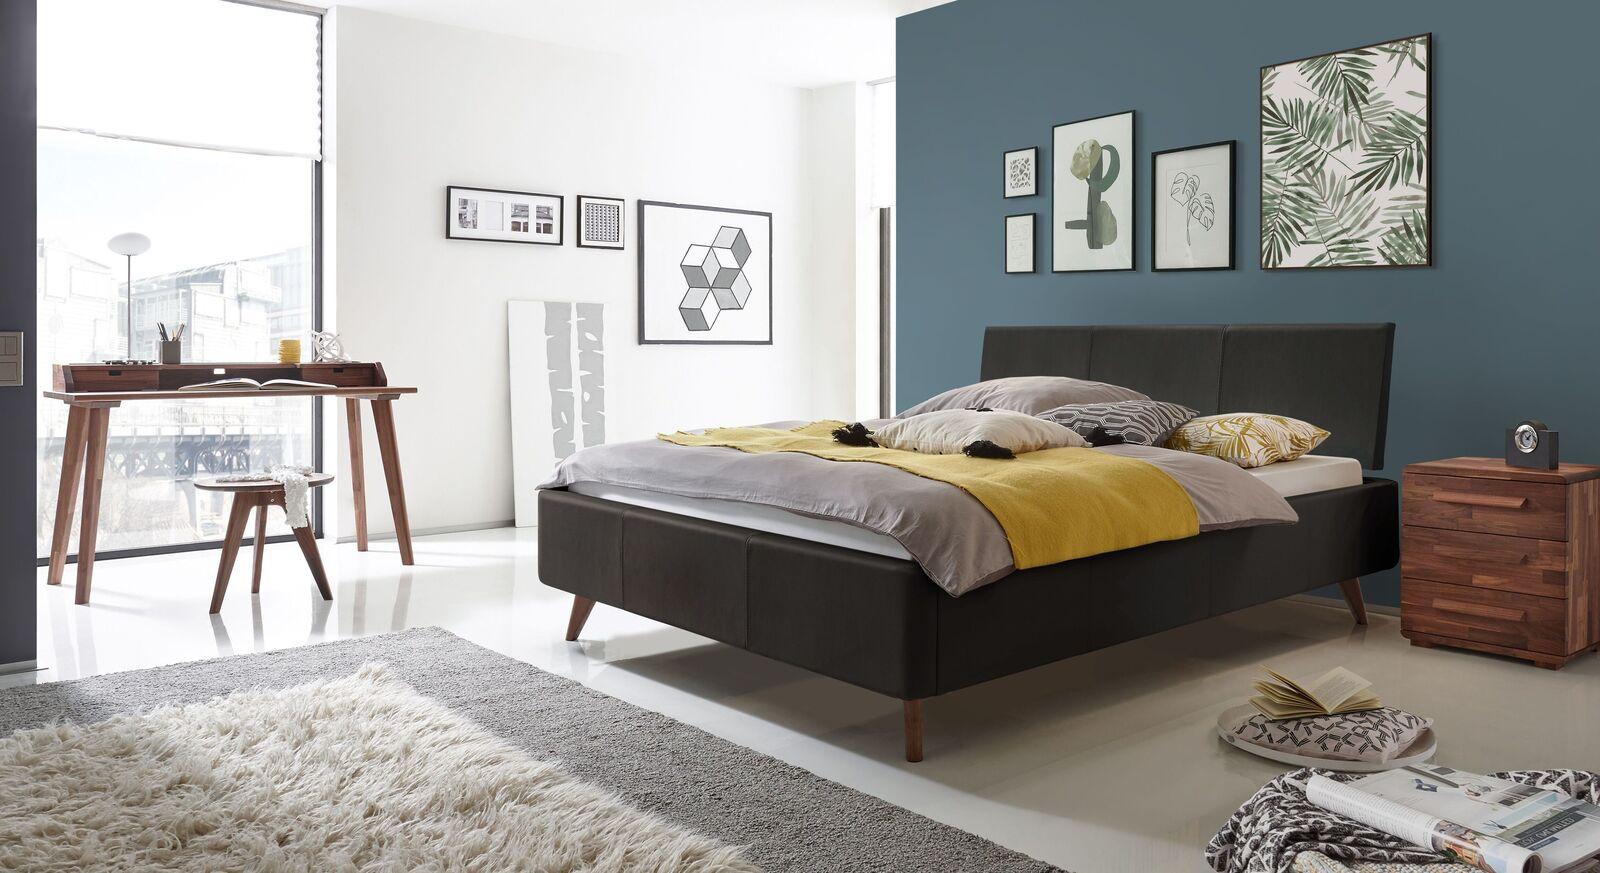 Bett Sien mit passenden Beimöbeln fürs Schlafzimmer